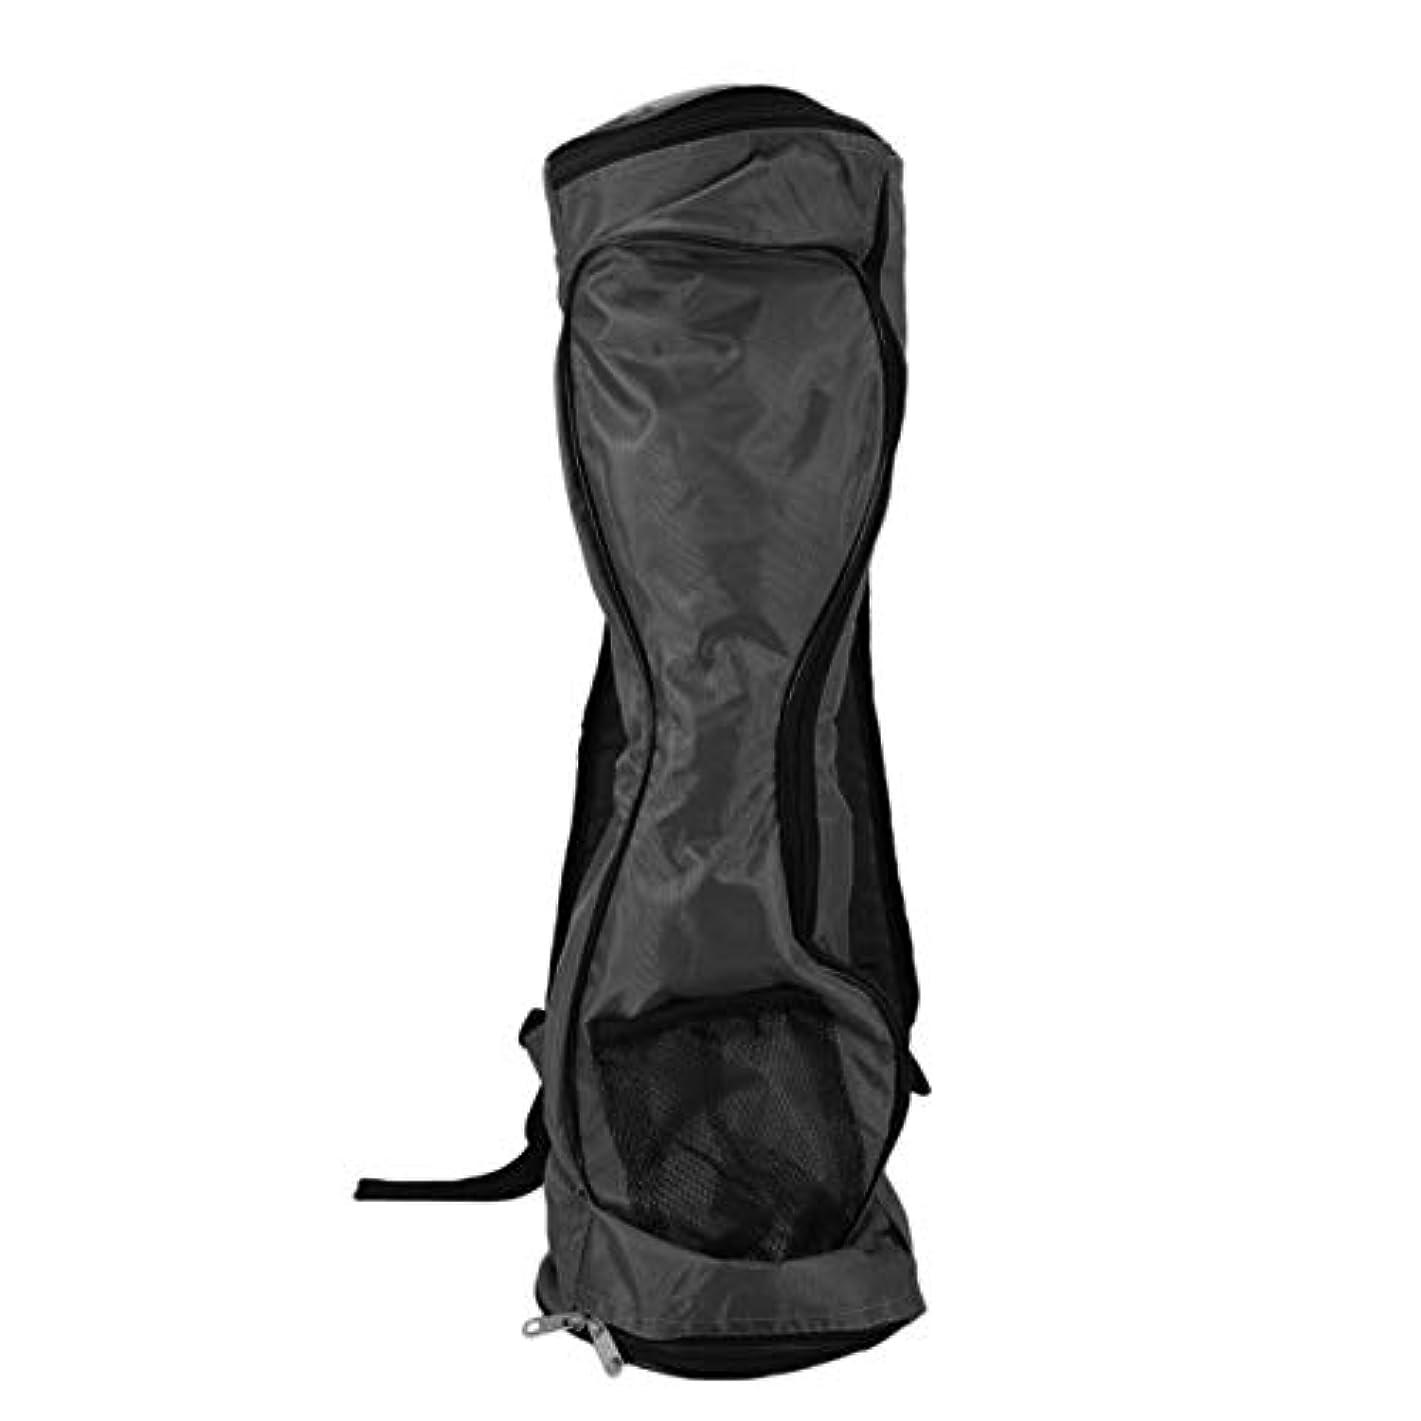 ペデスタル音楽家キノコDeeploveUU 自己のバランスをとる車のための携帯用オックスフォードの布ホバーボード袋のスポーツのハンドバッグ6.5インチの電気スクーターは袋を運びます